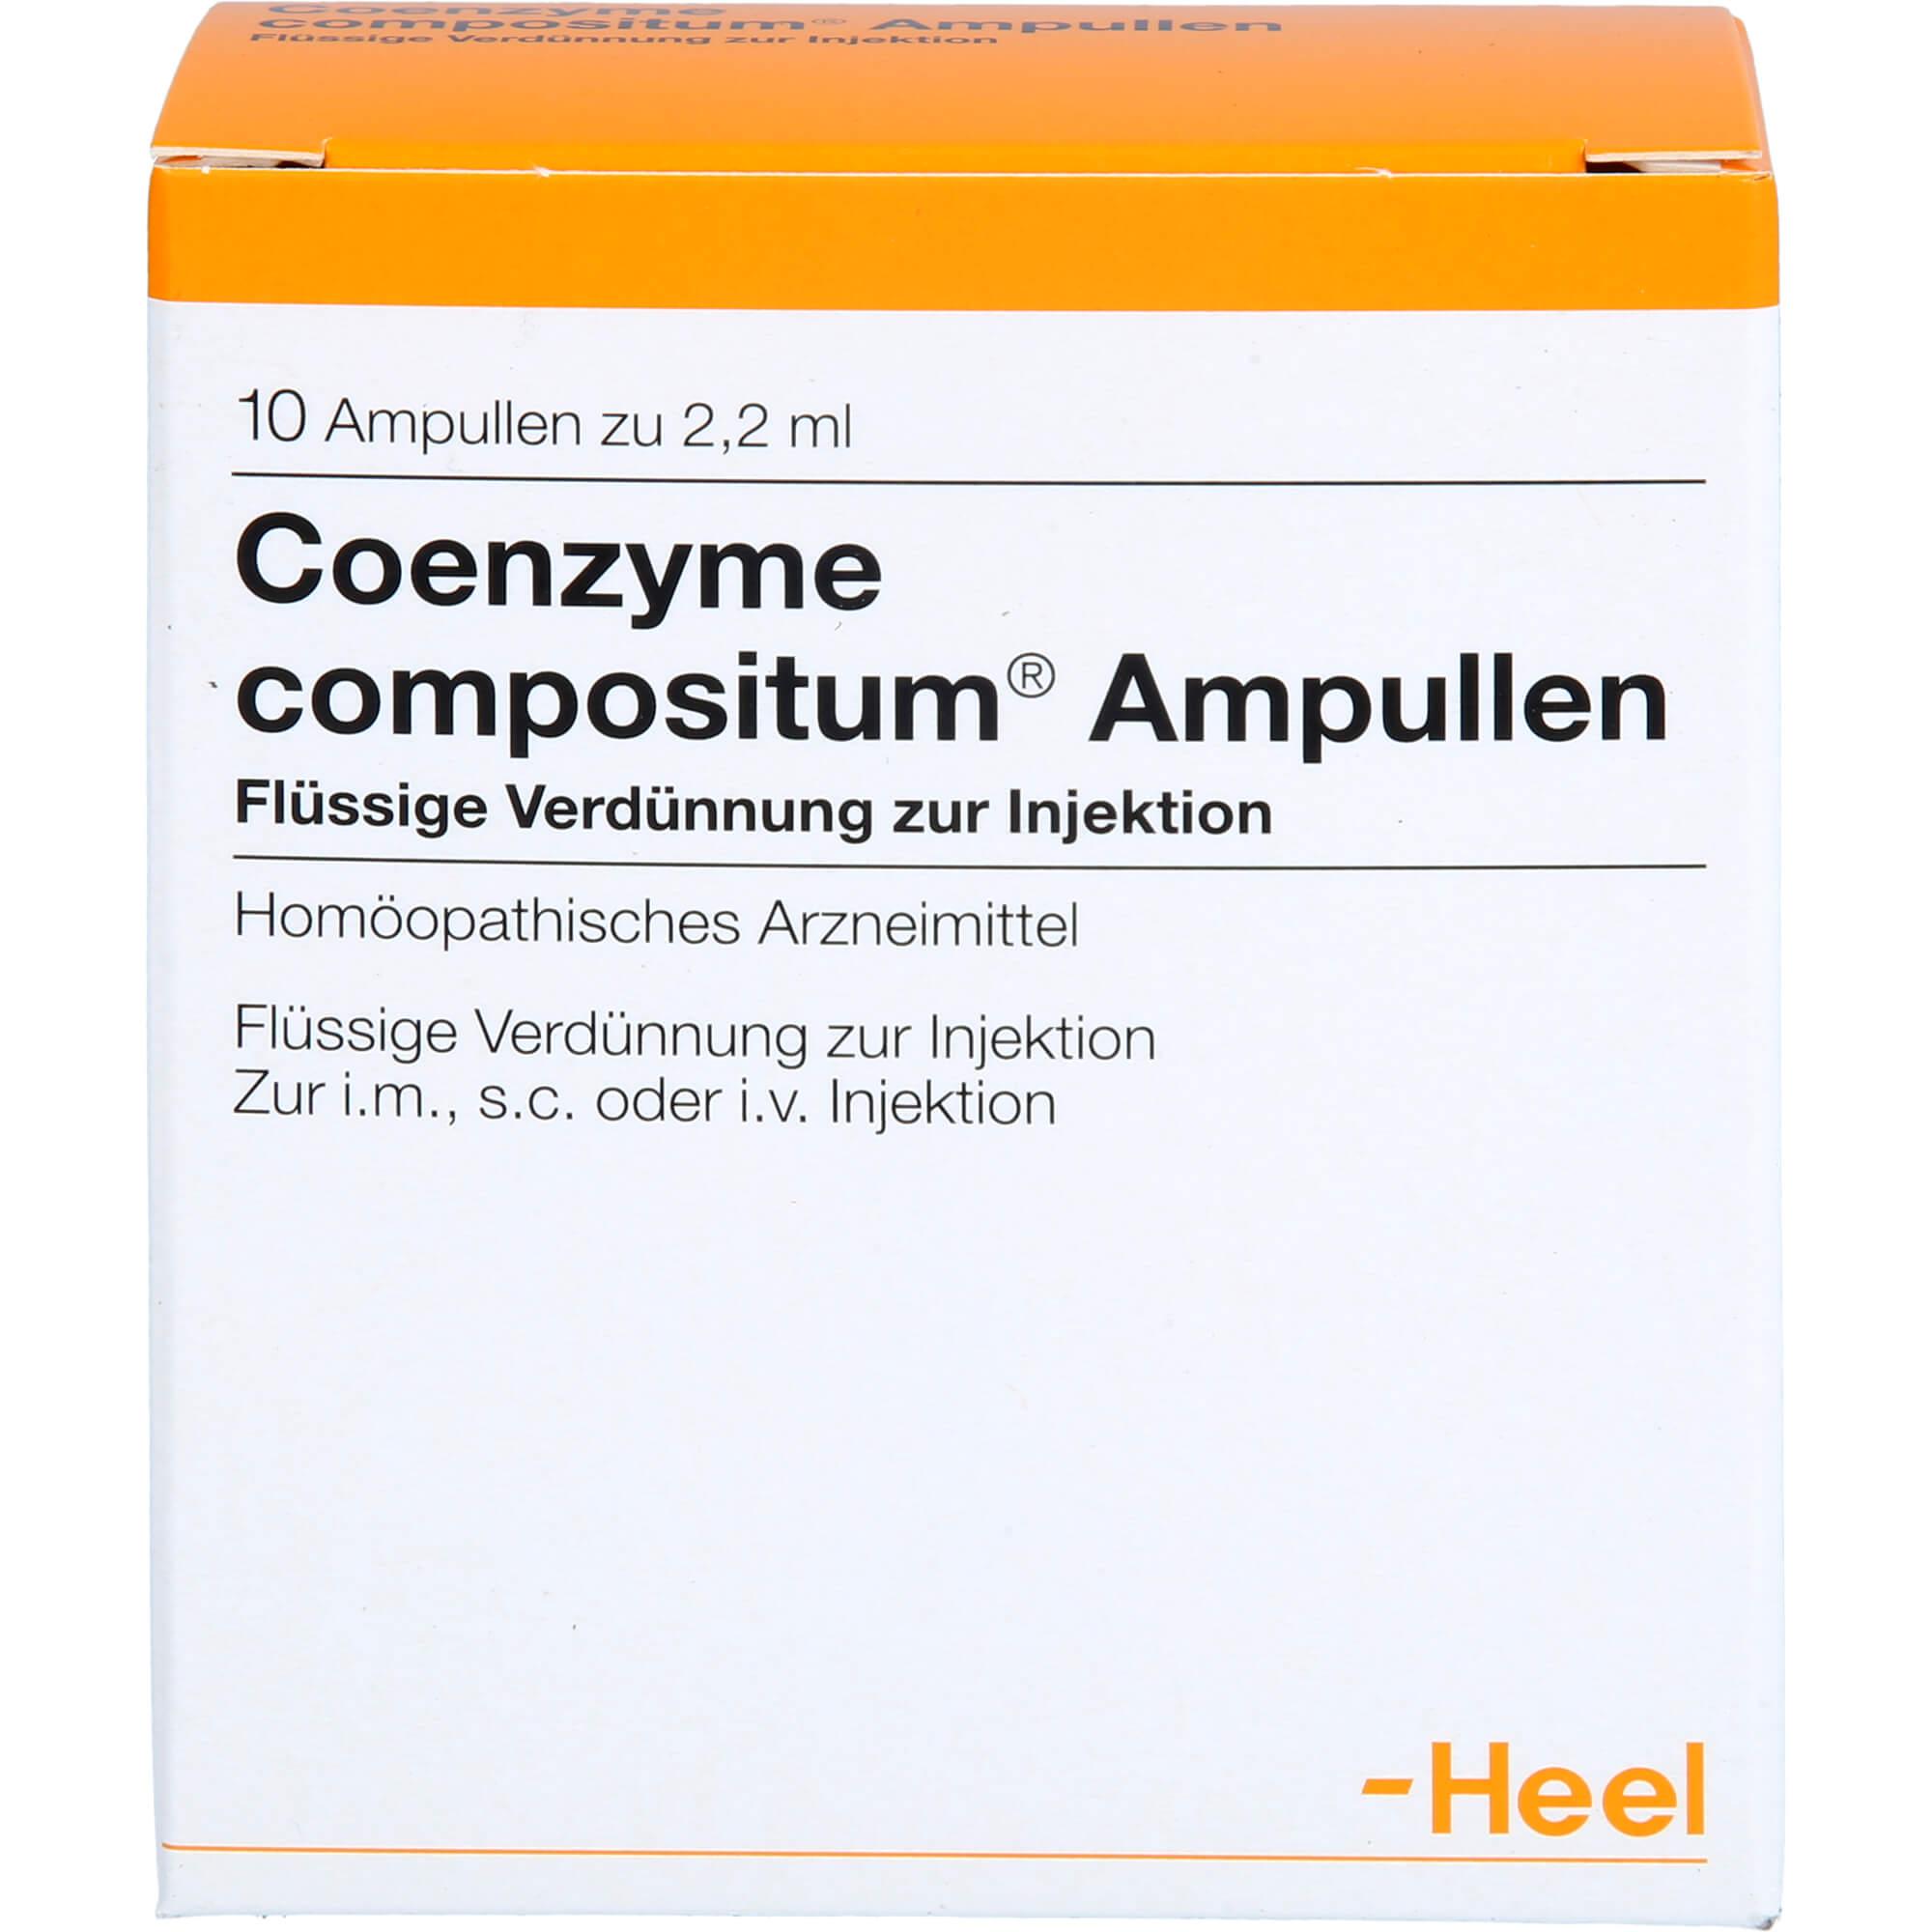 COENZYME-COMPOSITUM-Ampullen